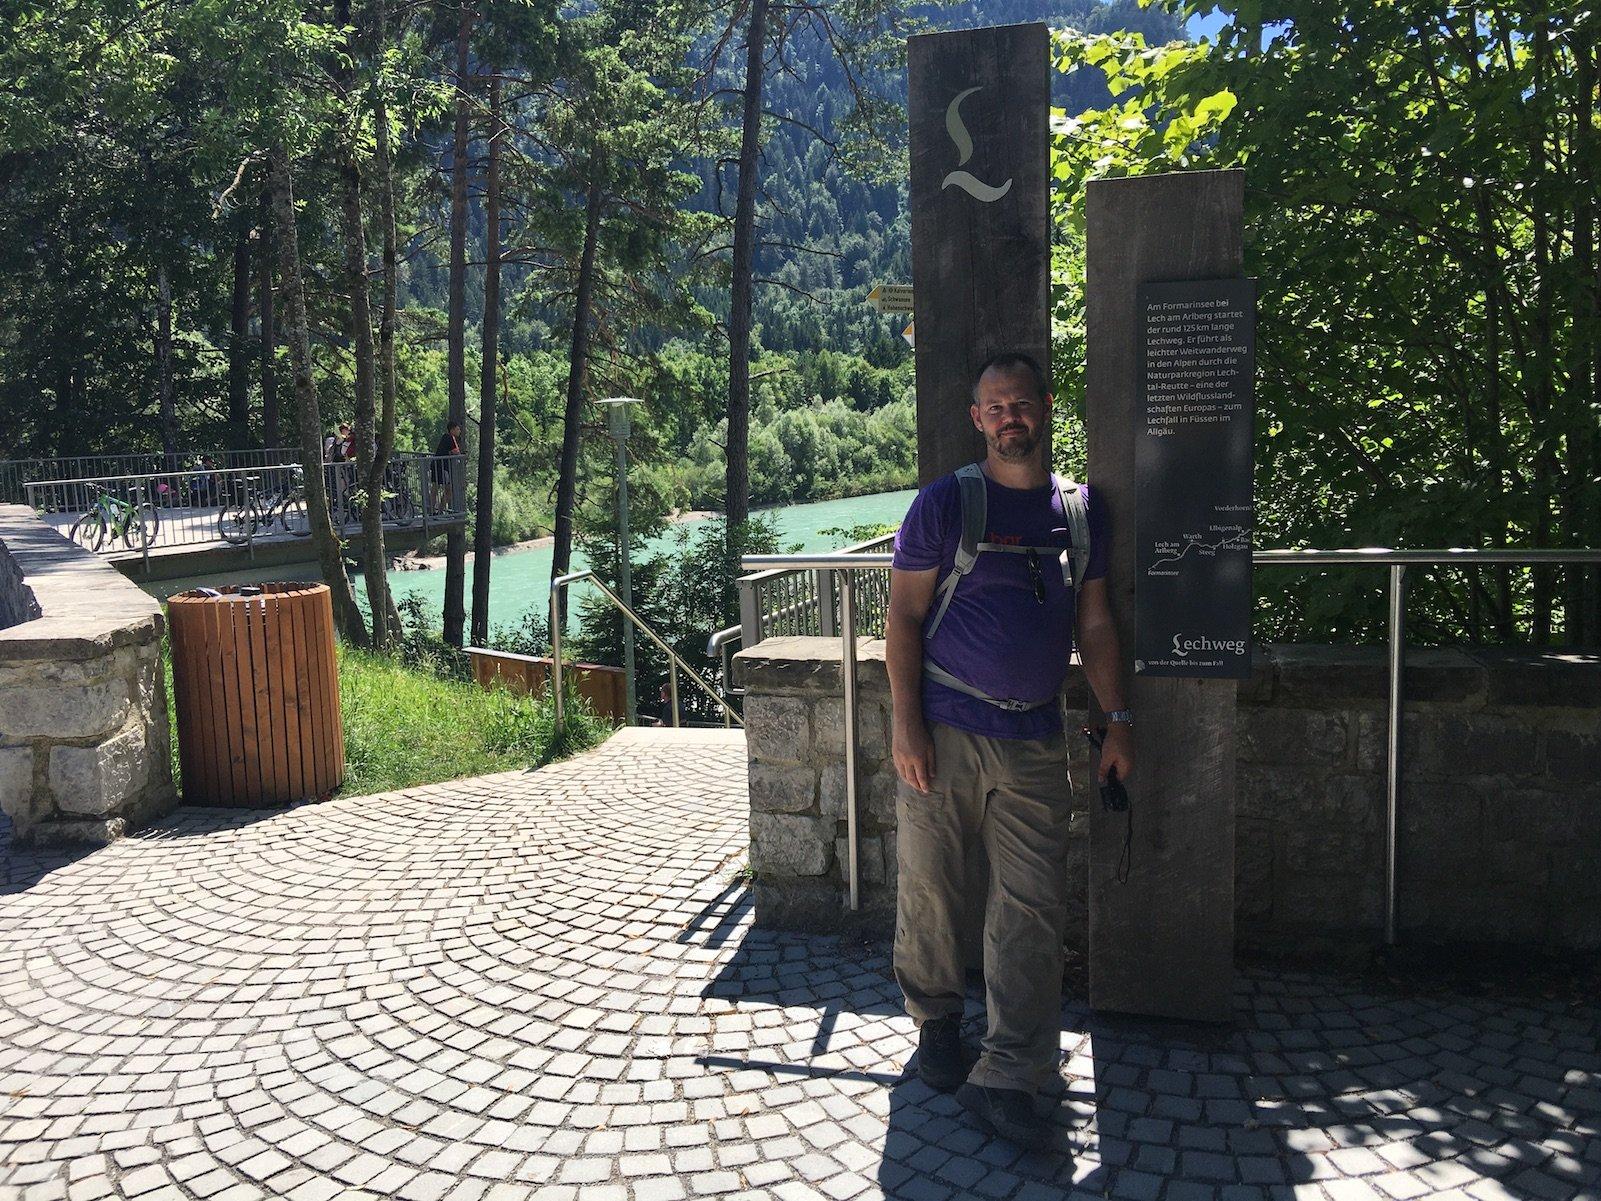 Reiseblogger Hubert Mayer vom travellerblog.eu am Ende des Lechwegs, 120 km später, am Lechfall in Füssen